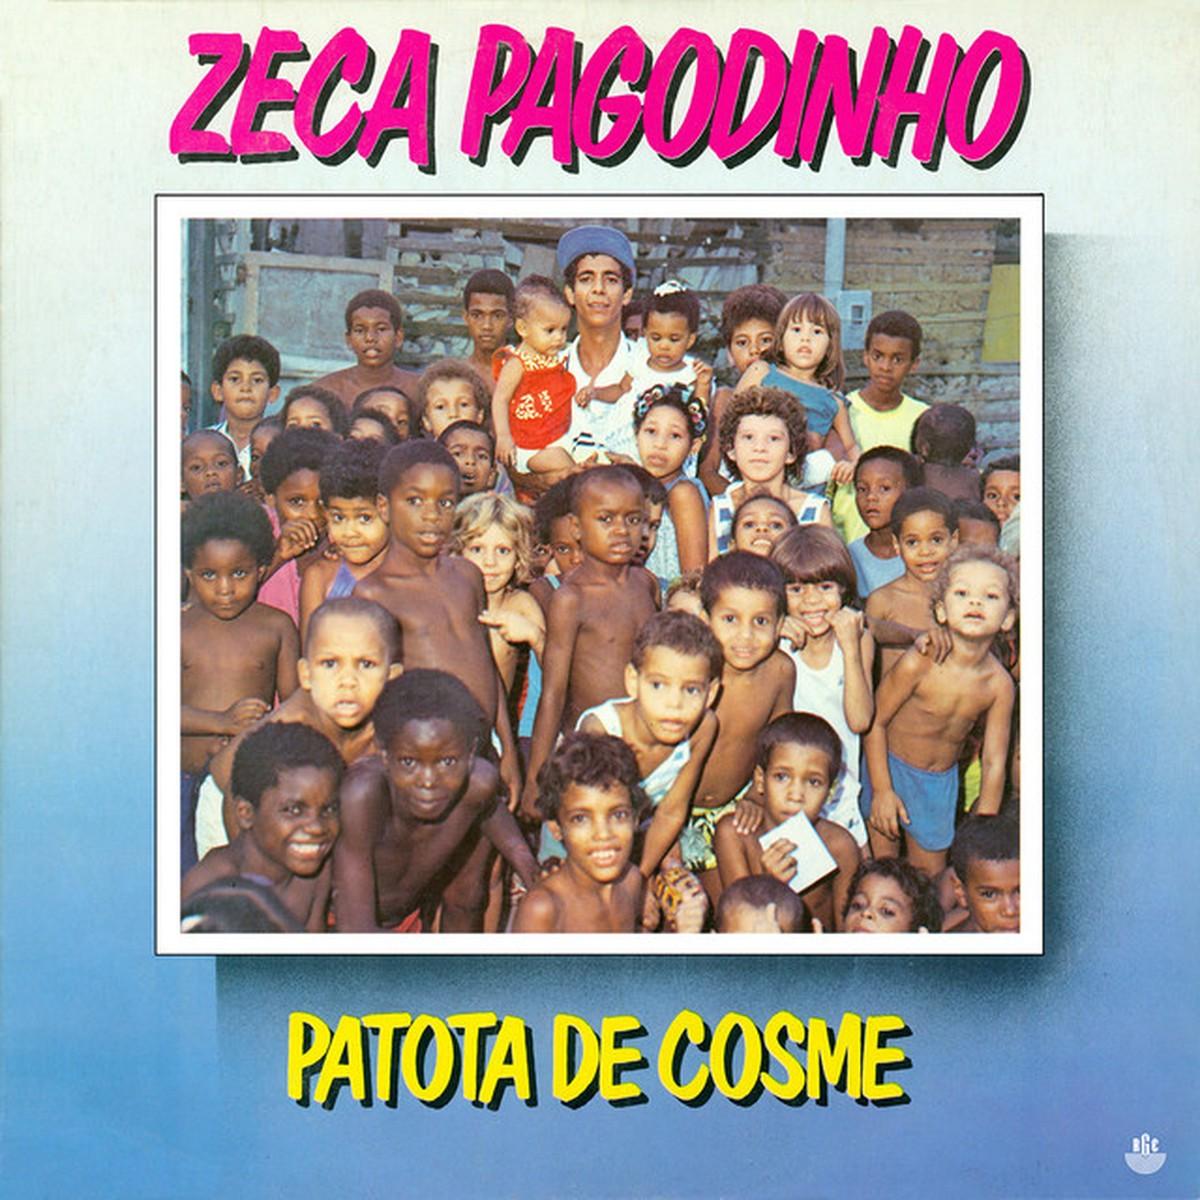 Discos para descobrir em casa – 'Patota de Cosme', Zeca Pagodinho, 1987 | Blog do Mauro Ferreira